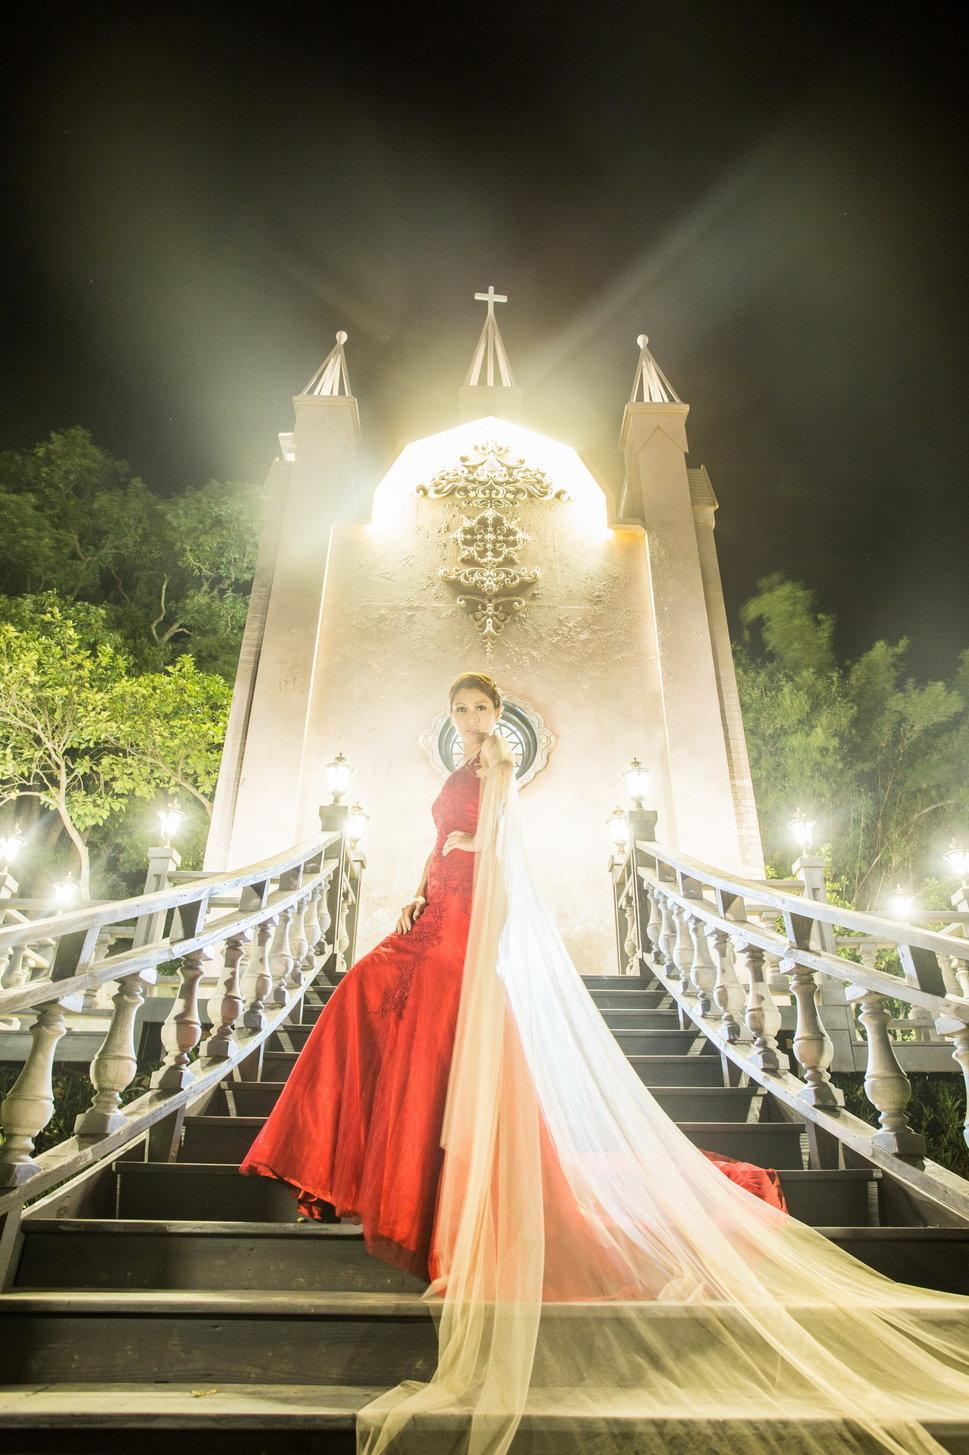 超美 手工婚紗禮服 希臘婚禮 婚紗 攝影(編號:377083) - 希臘婚禮  婚紗  攝影 - 結婚吧一站式婚禮服務平台